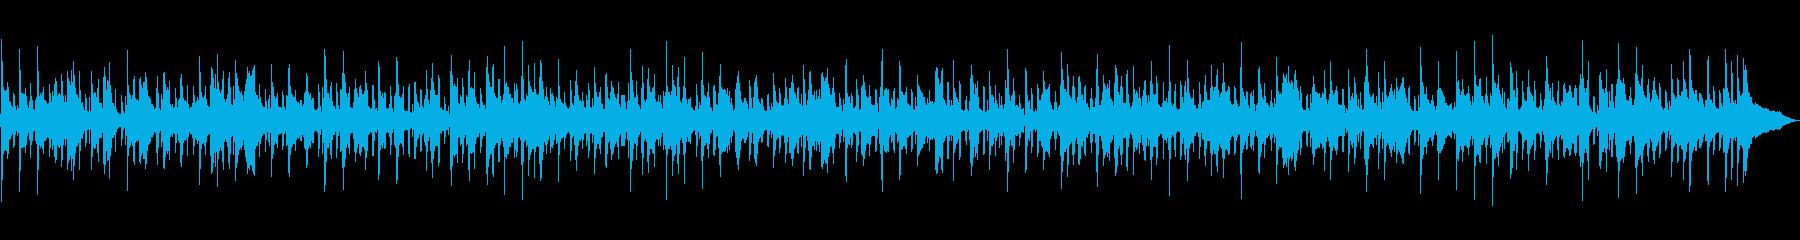 フレンチワルツ、旅番組のBGMの再生済みの波形